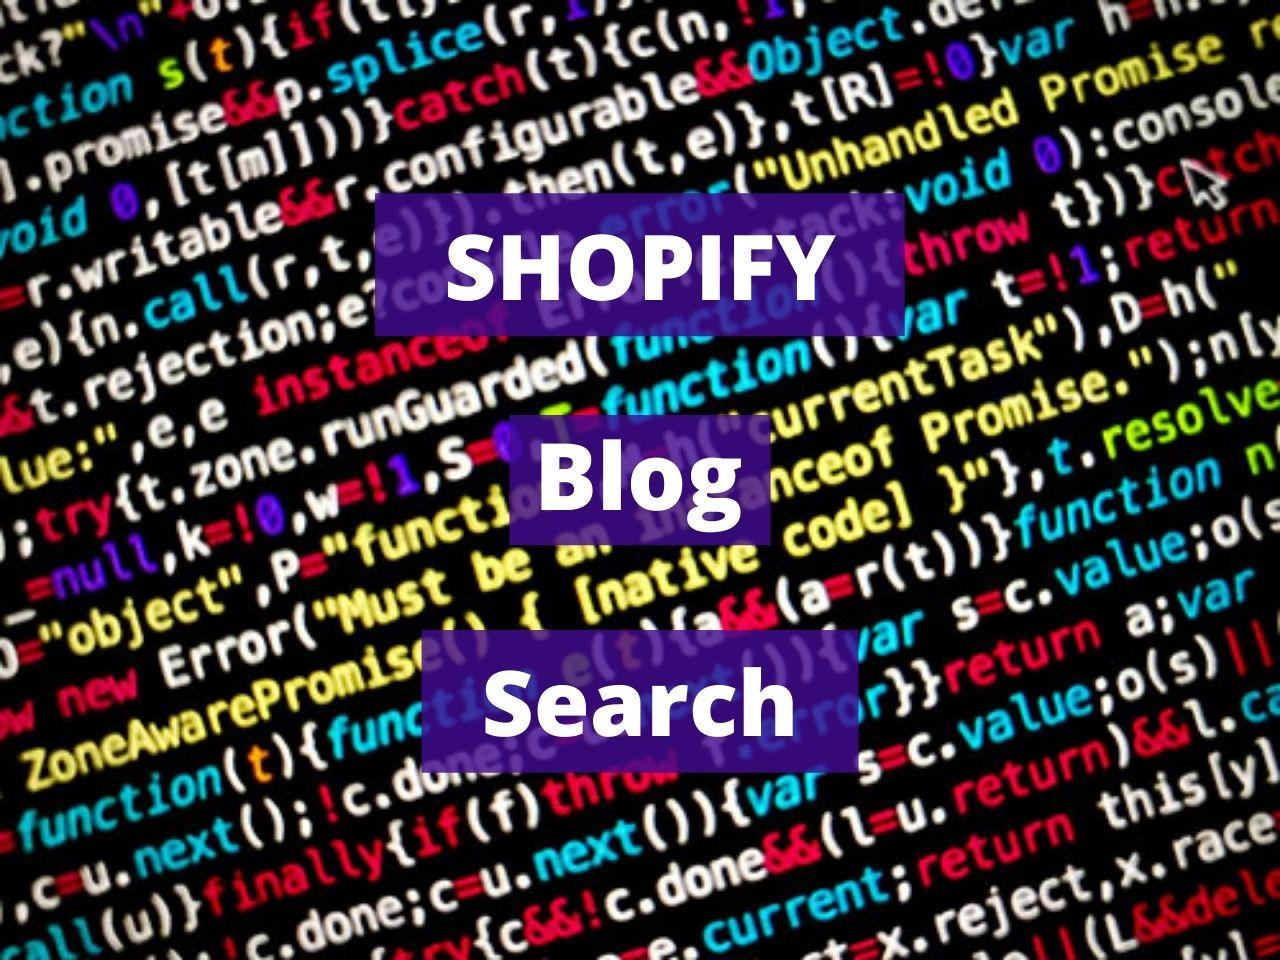 SHOPIFY Blog Search